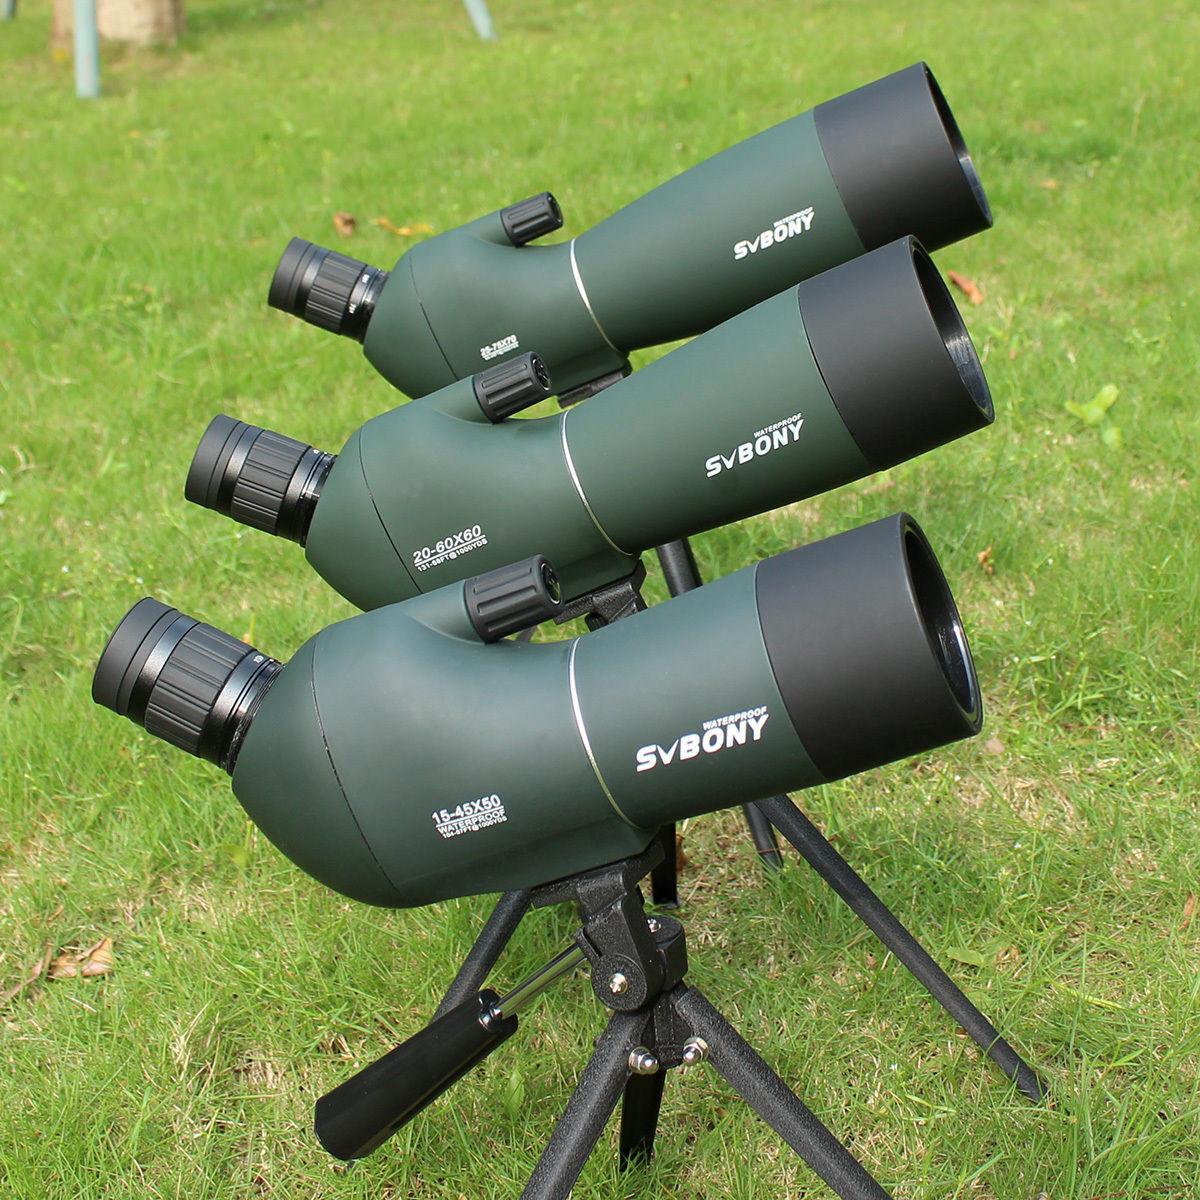 New SV 15-45x50mm/20-60x60mm/25-75x70mm Spotting Scope+Tripod+Cell Phone Adapter